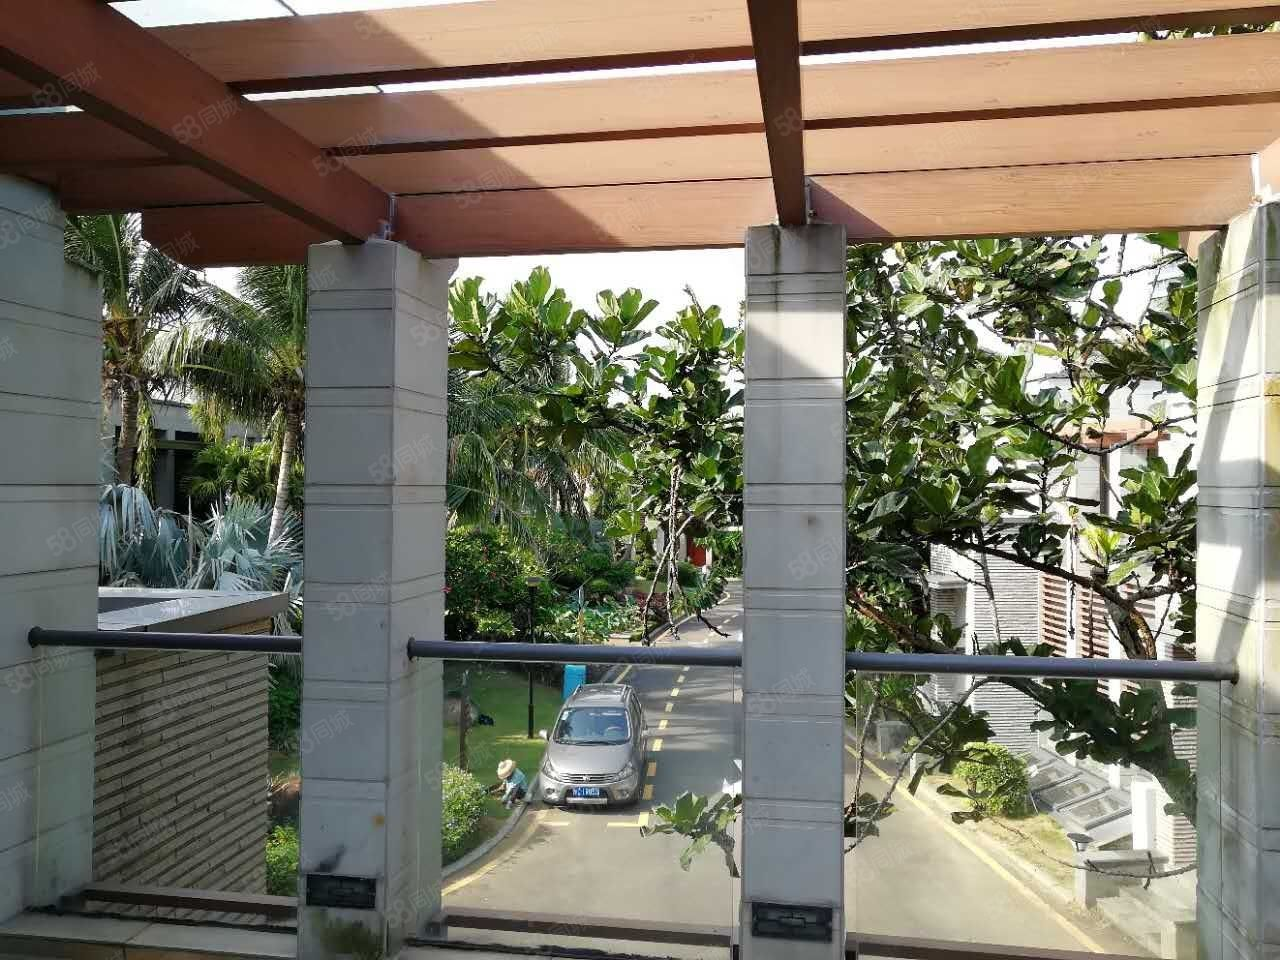 博鳌亚洲湾豪华别墅出租过年可租和家人一起吃个过年饭吧